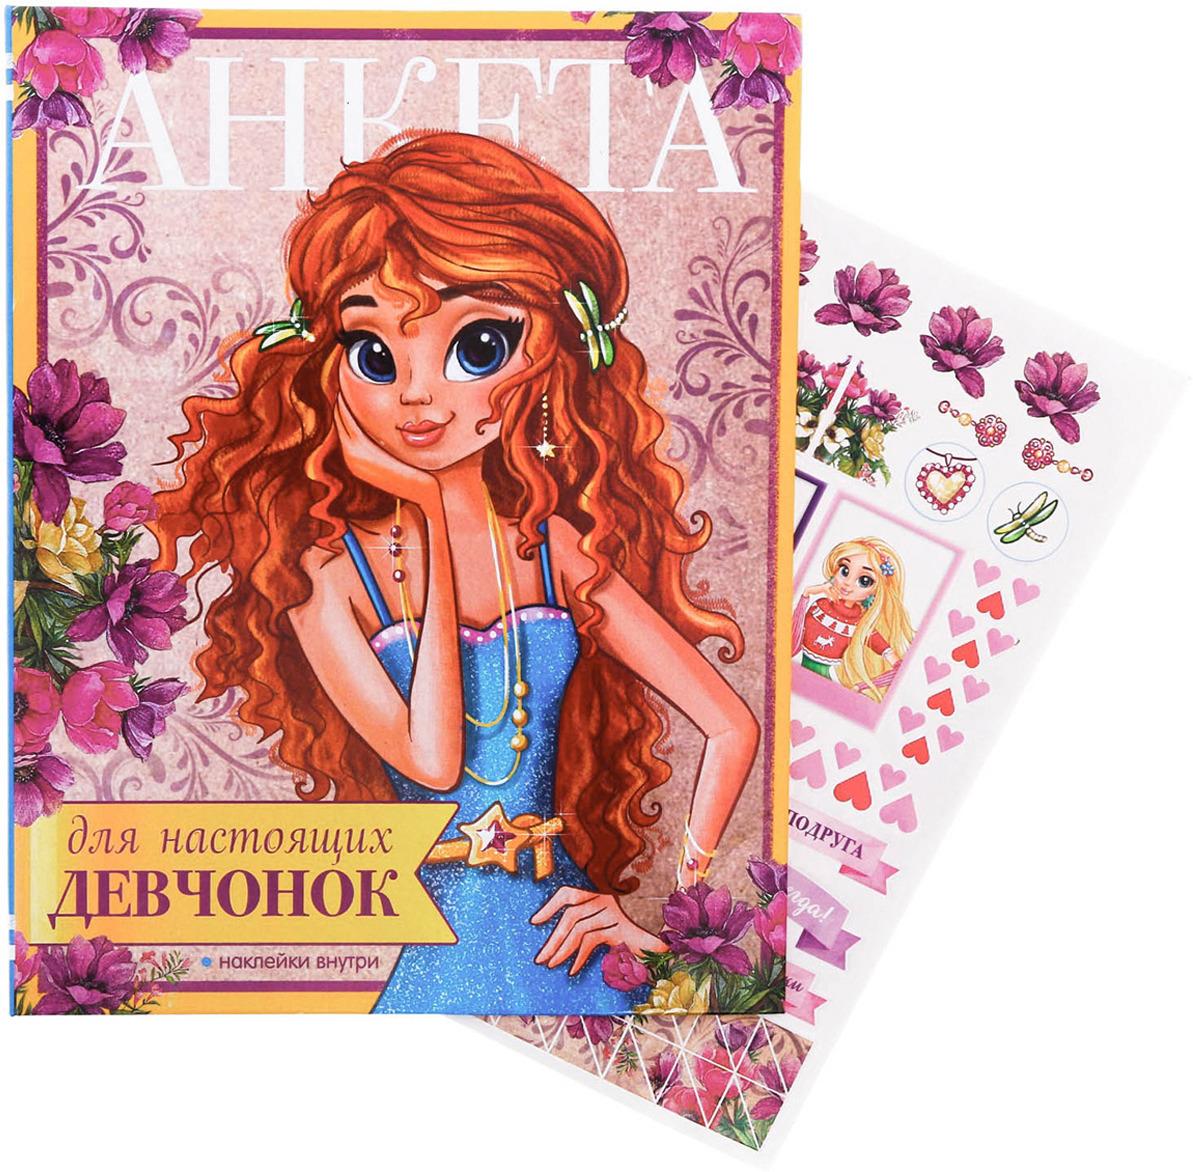 Анкета для девочки Для настоящих девчонок, 1972633, с наклейкой, разноцветный, 30 листов1972633Анкета — это уникальная книга для записи увлечений, сокровенных мыслей, секретов и планов на будущее маленьких принцесс.Преимущества:крепление листов на кольца;яркая модная обложка;глянцевое ламинирование;наклейки в комплекте;дизайнерский блок бумаги.